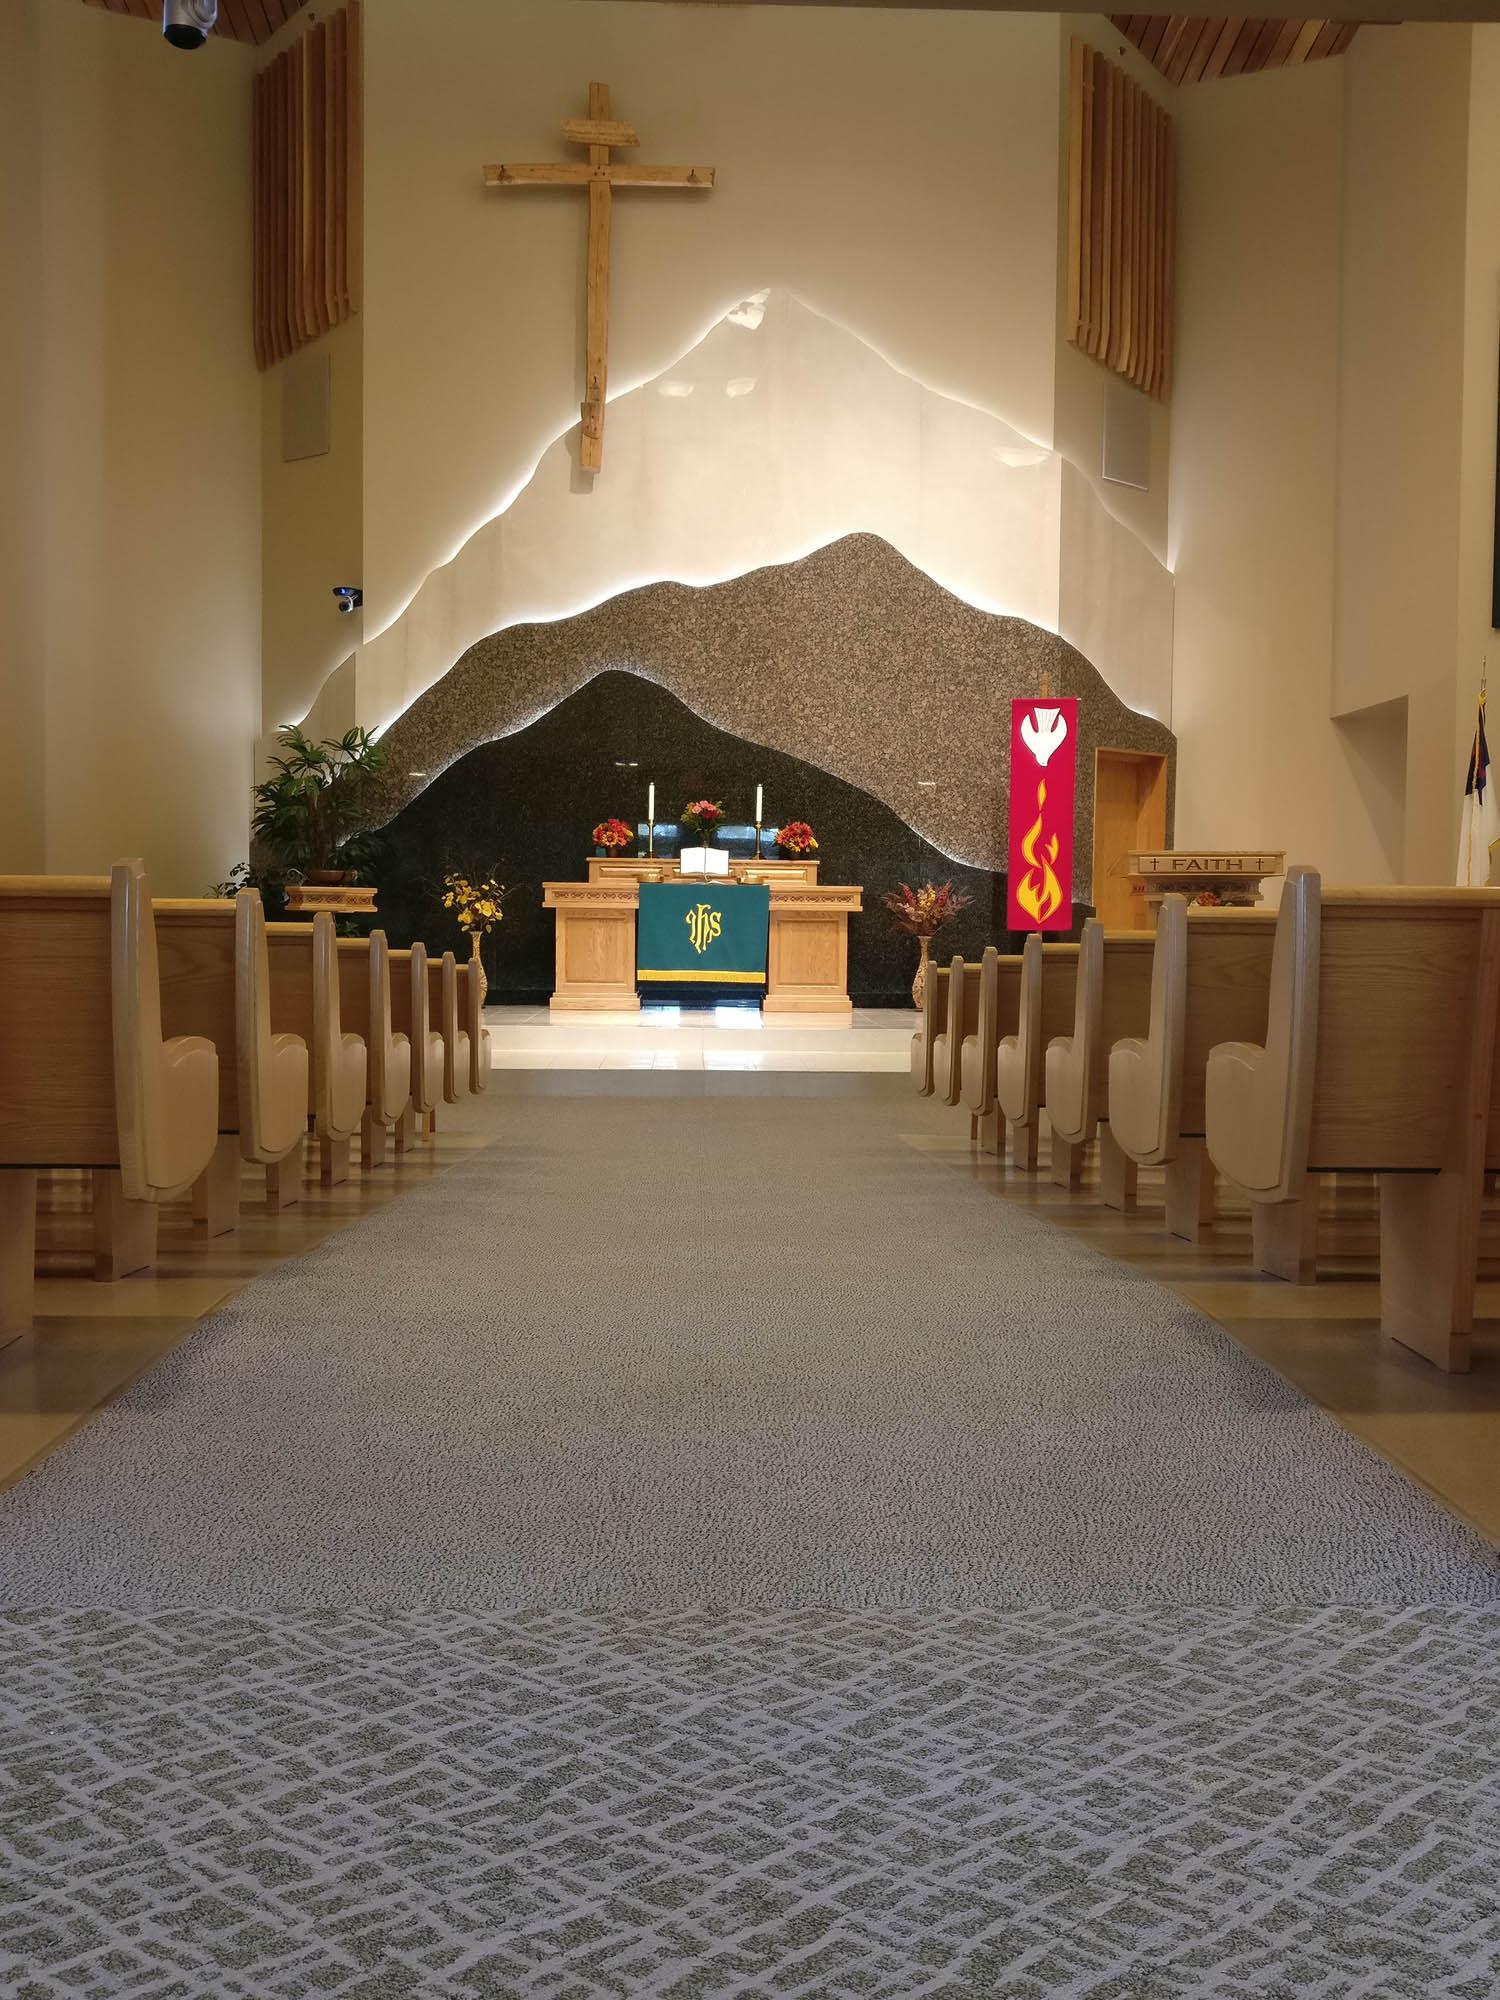 Faith-main-aisle.jpg